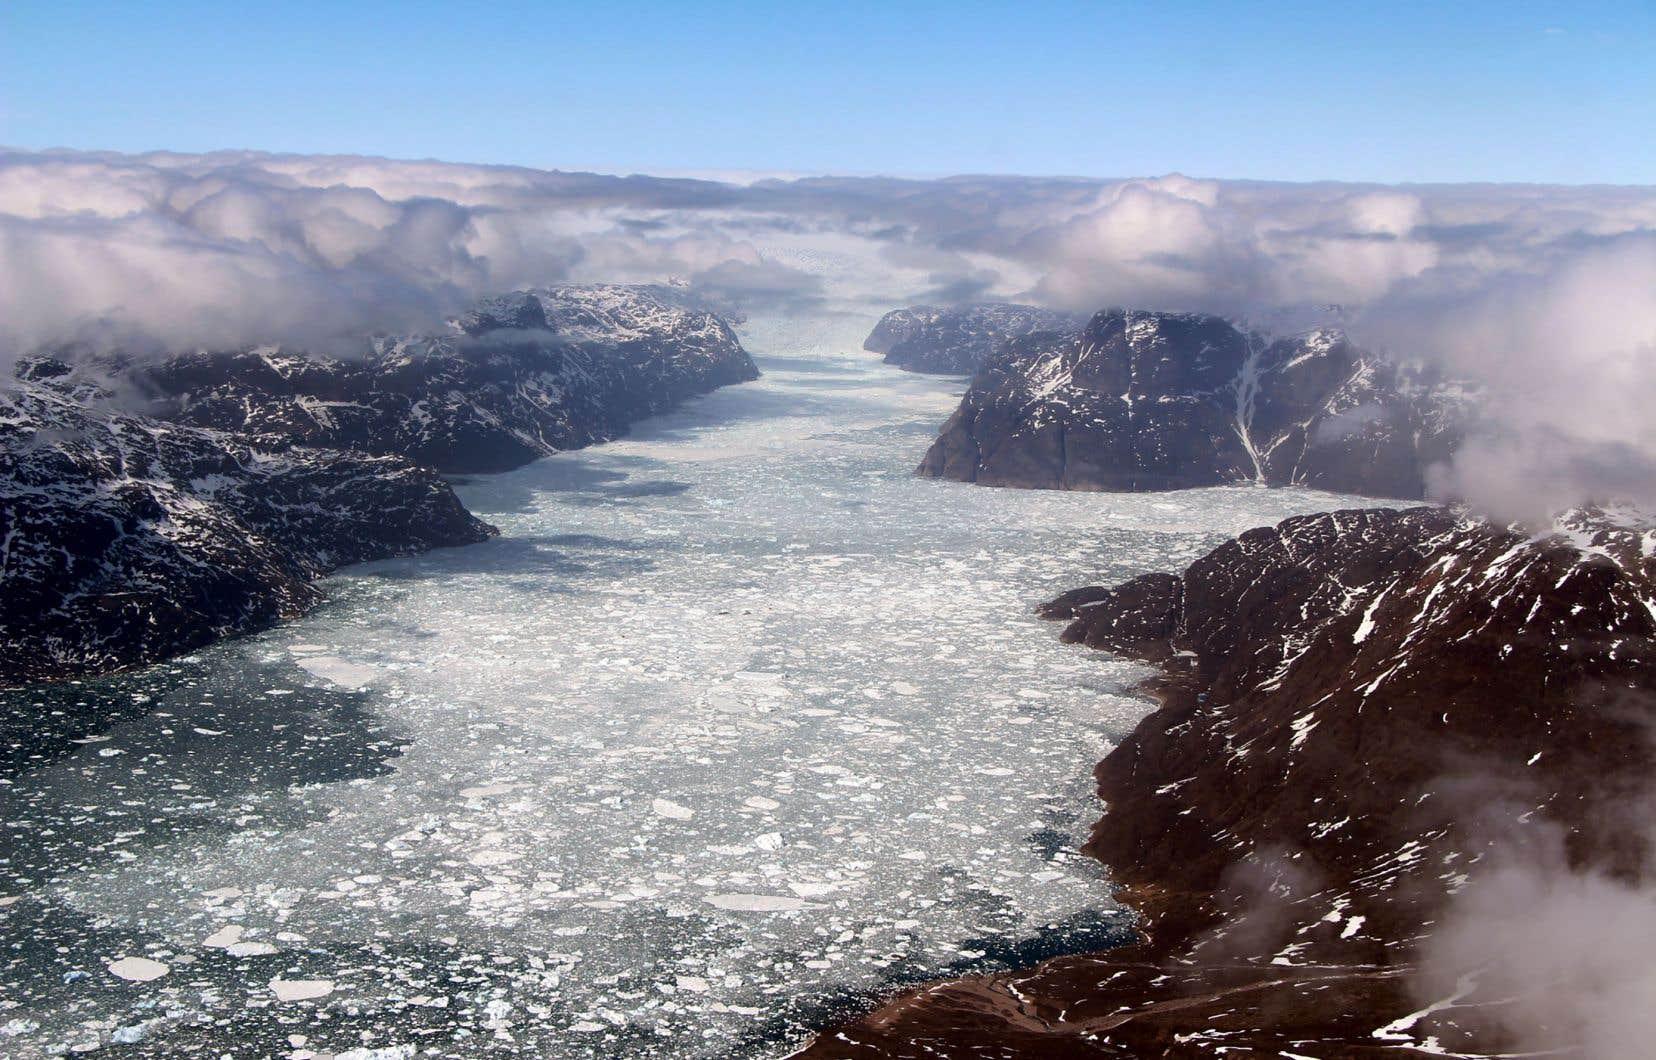 Selon les projections utilisées dans l'étude, la température pourrait augmenter jusqu'à 2,6°C, entraînant la hausse de la température du sol et une saison de fonte plus longue.